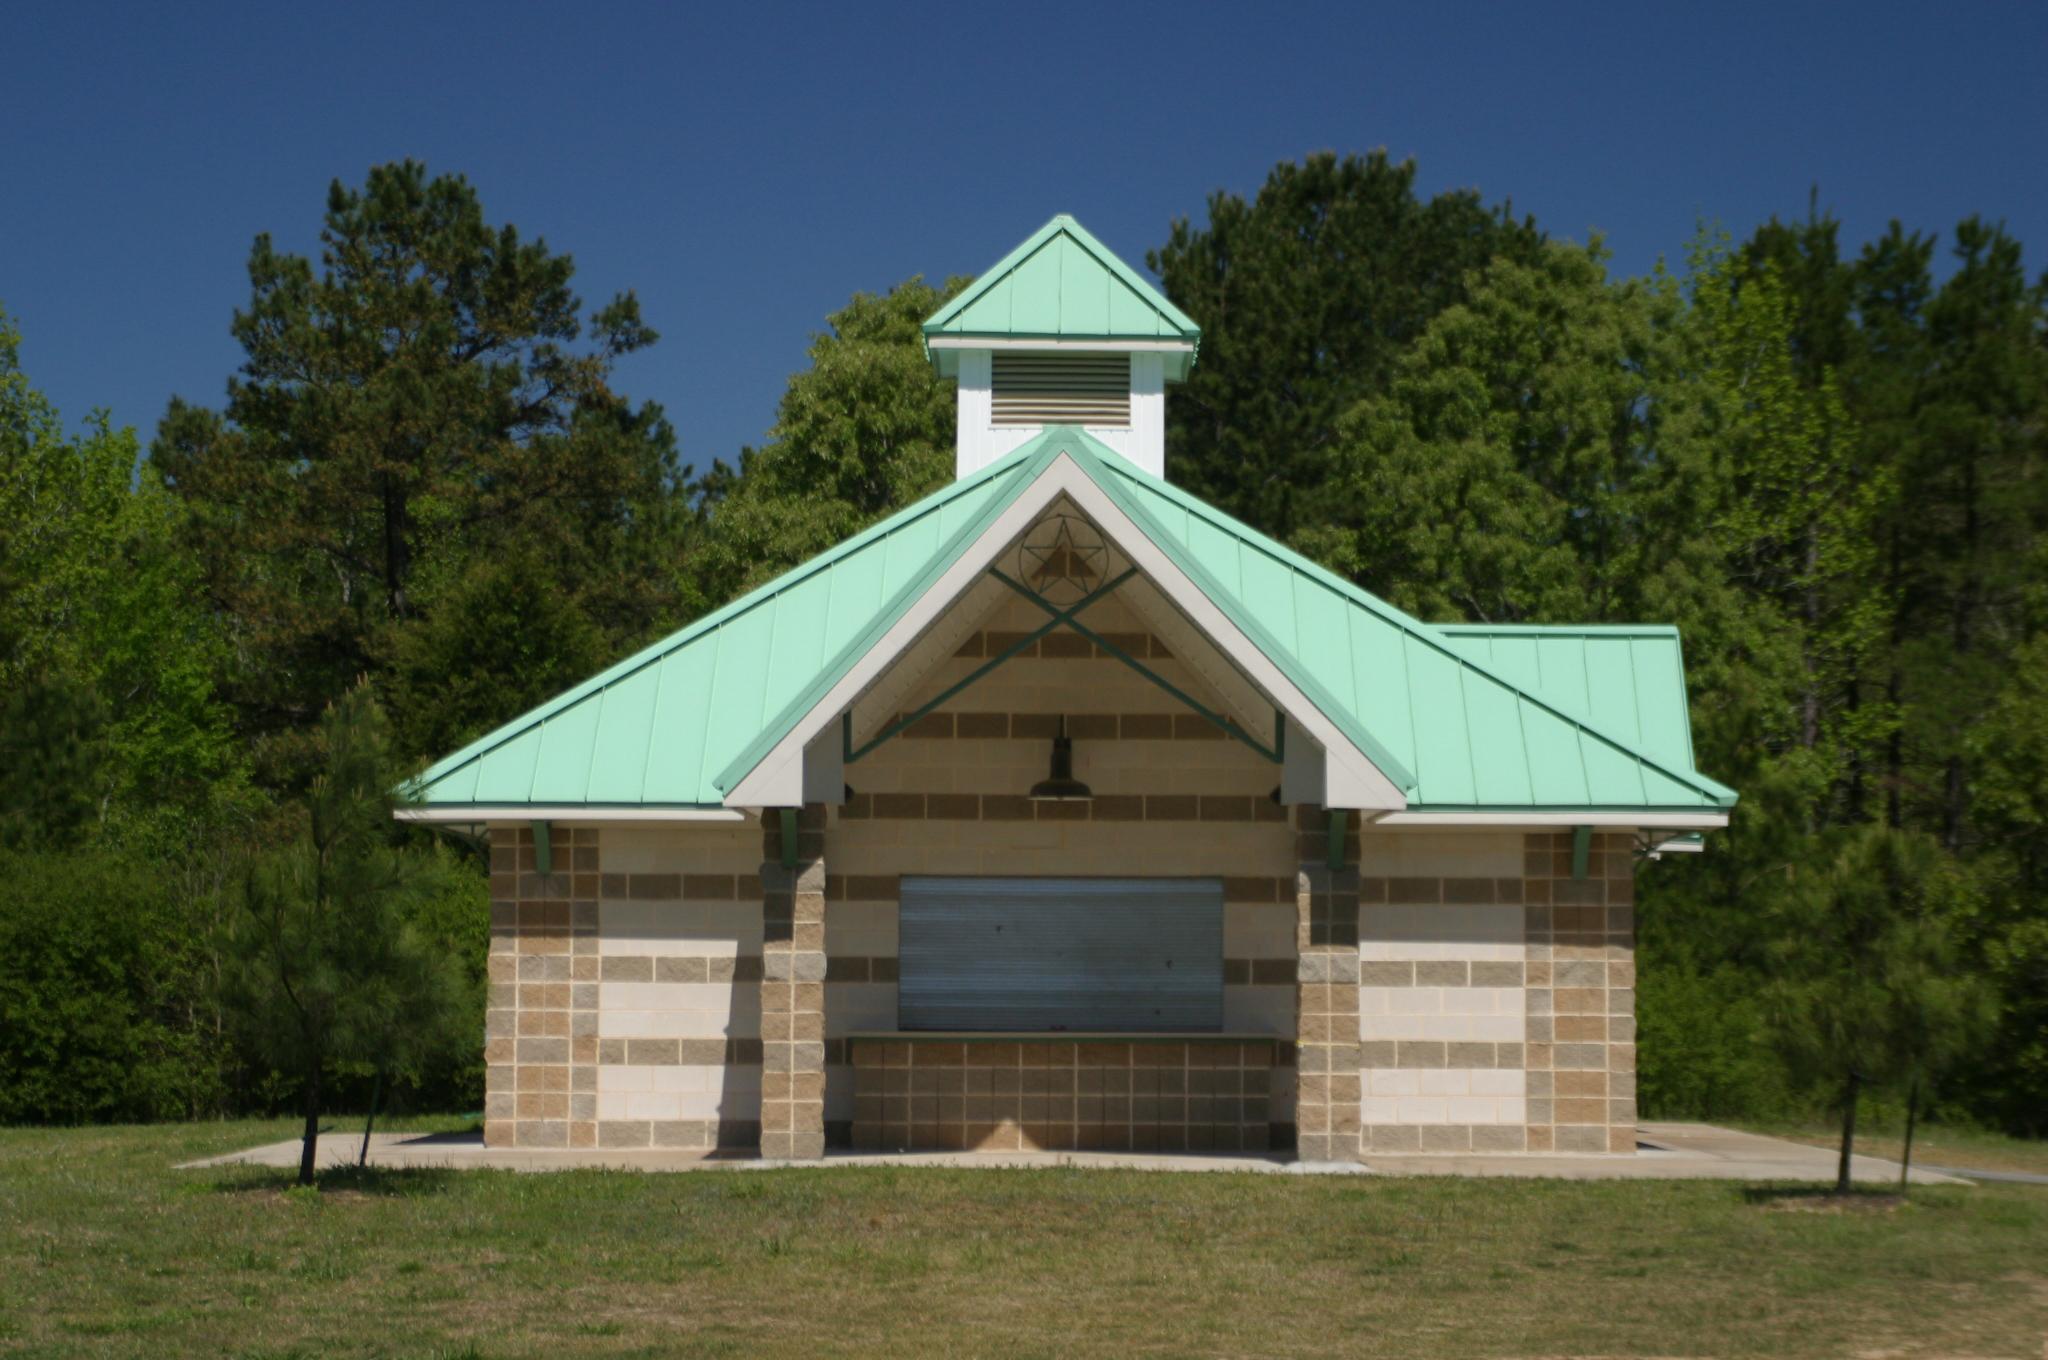 faulkner park amenity building - lindale texas park structure - public park structure - butler architectural group